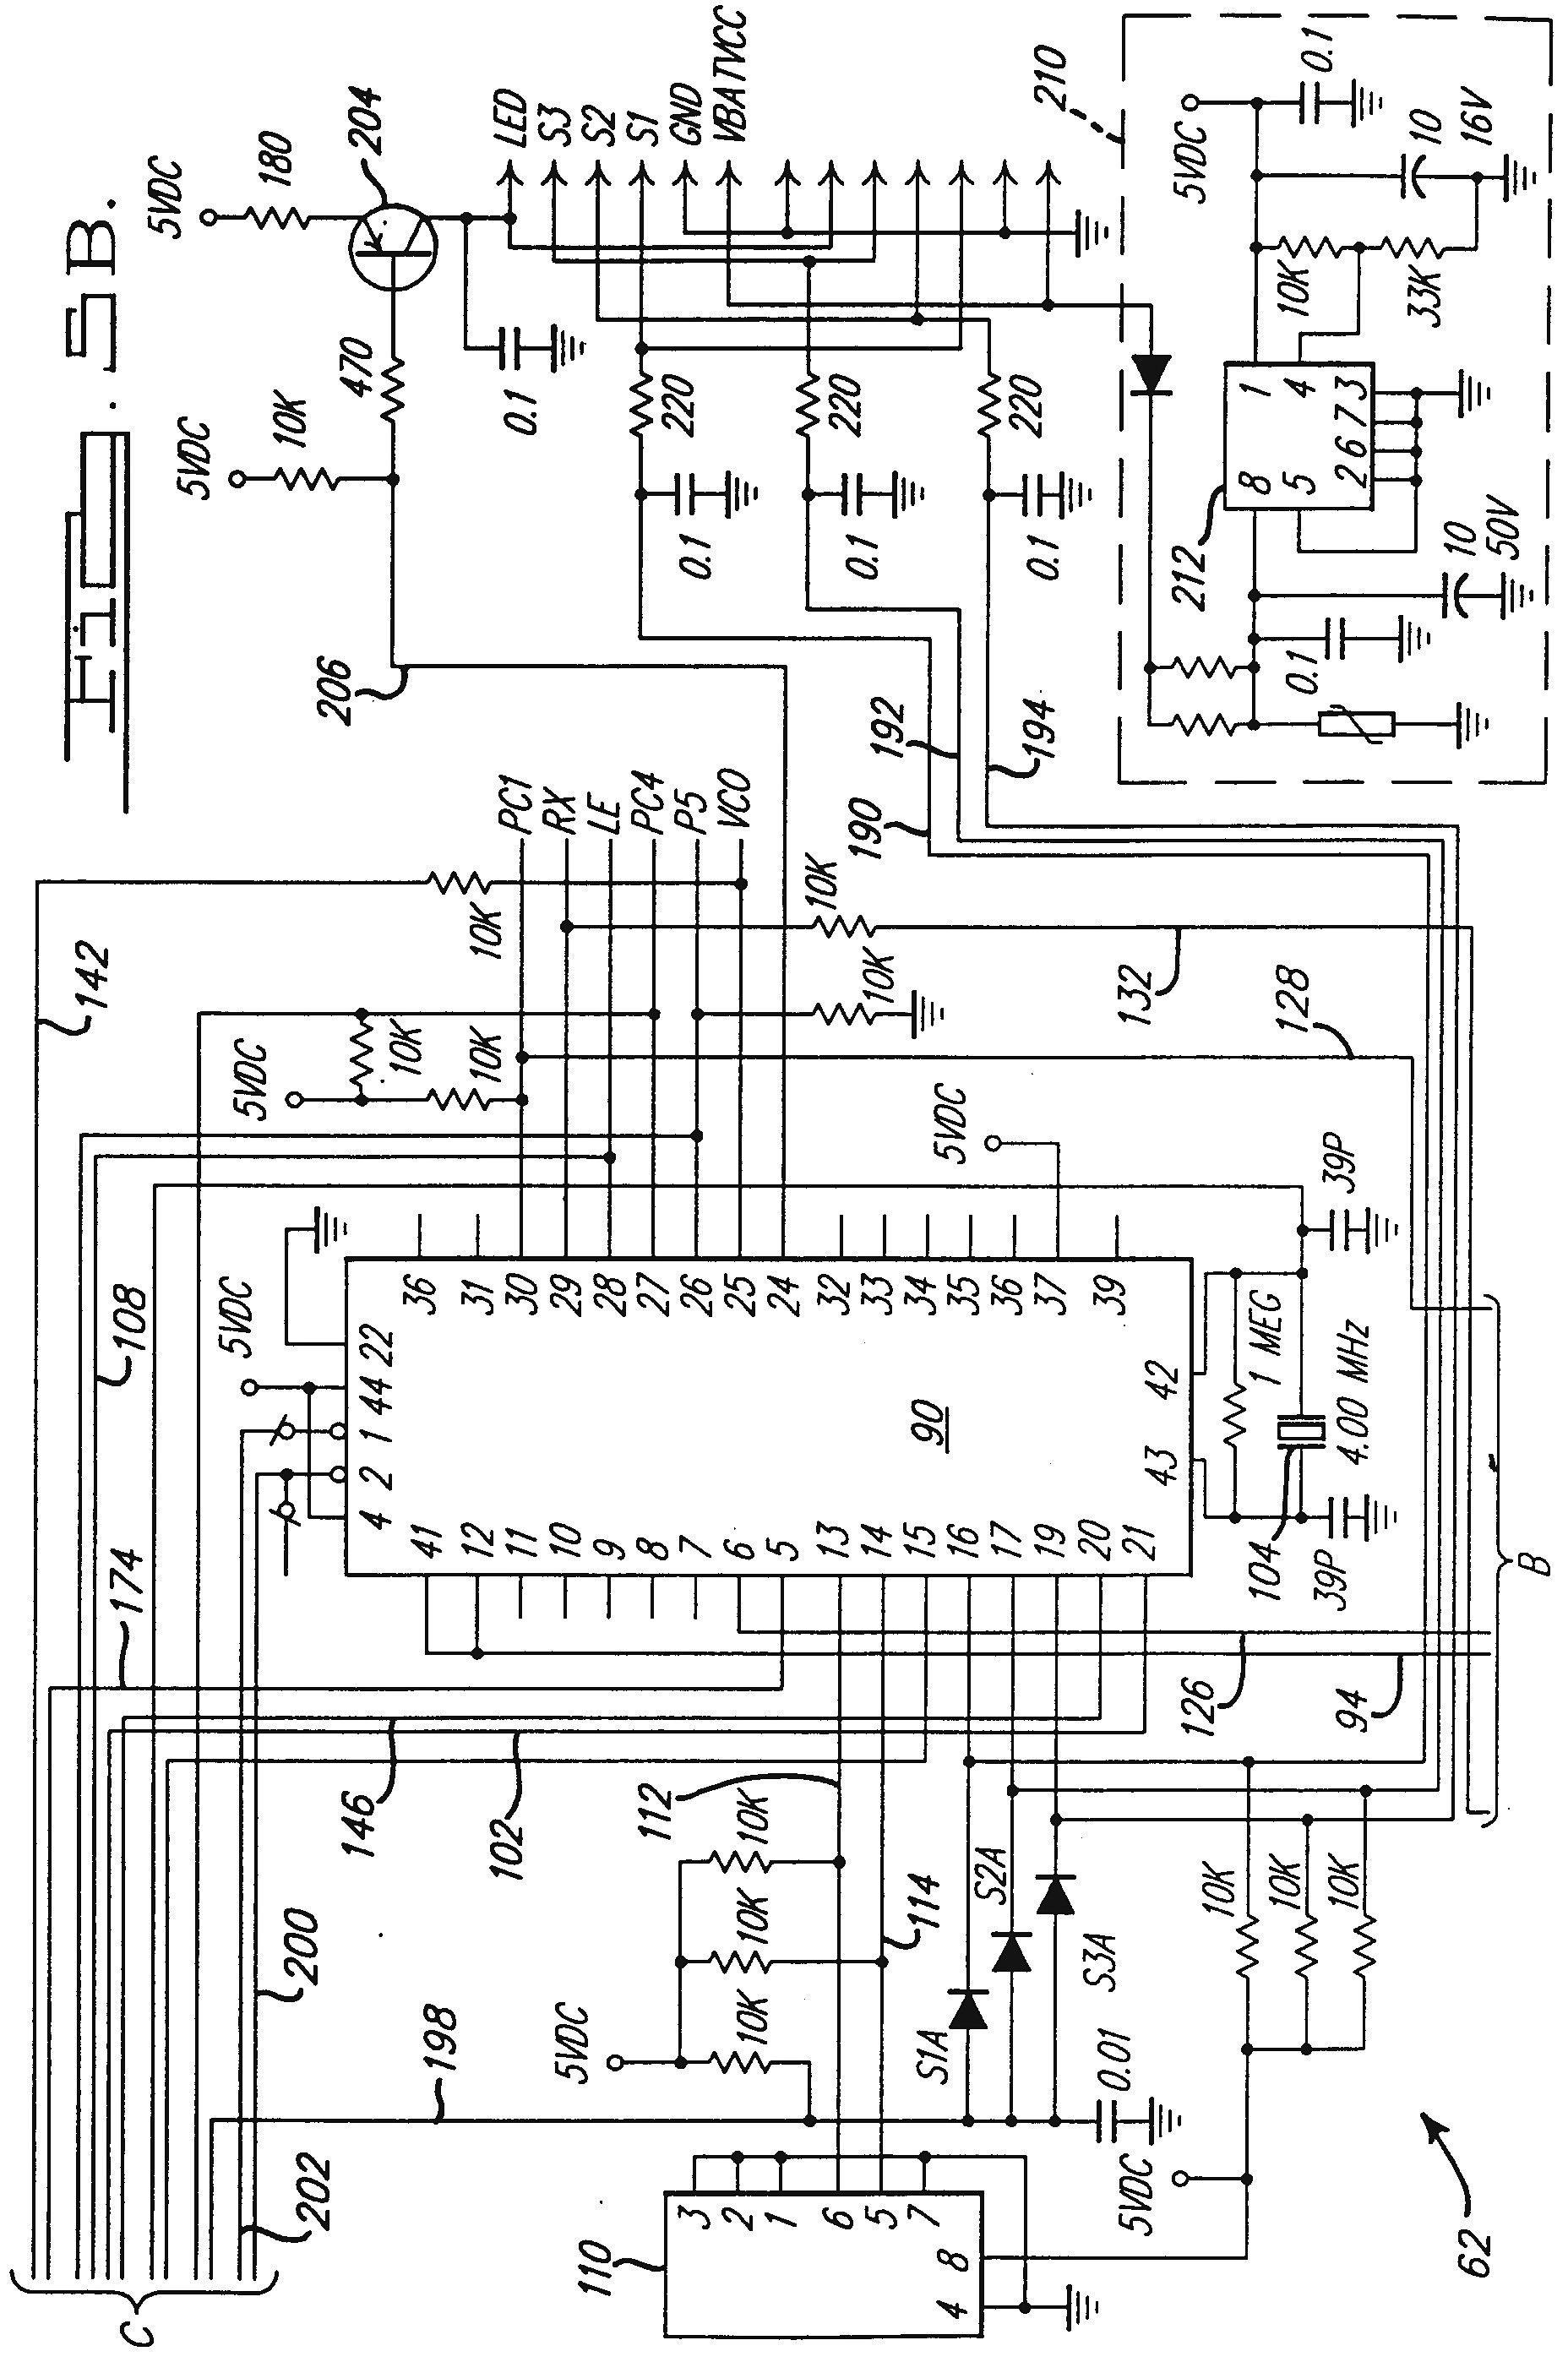 Best Of Genie Garage Door Sensor Wiring Diagram In